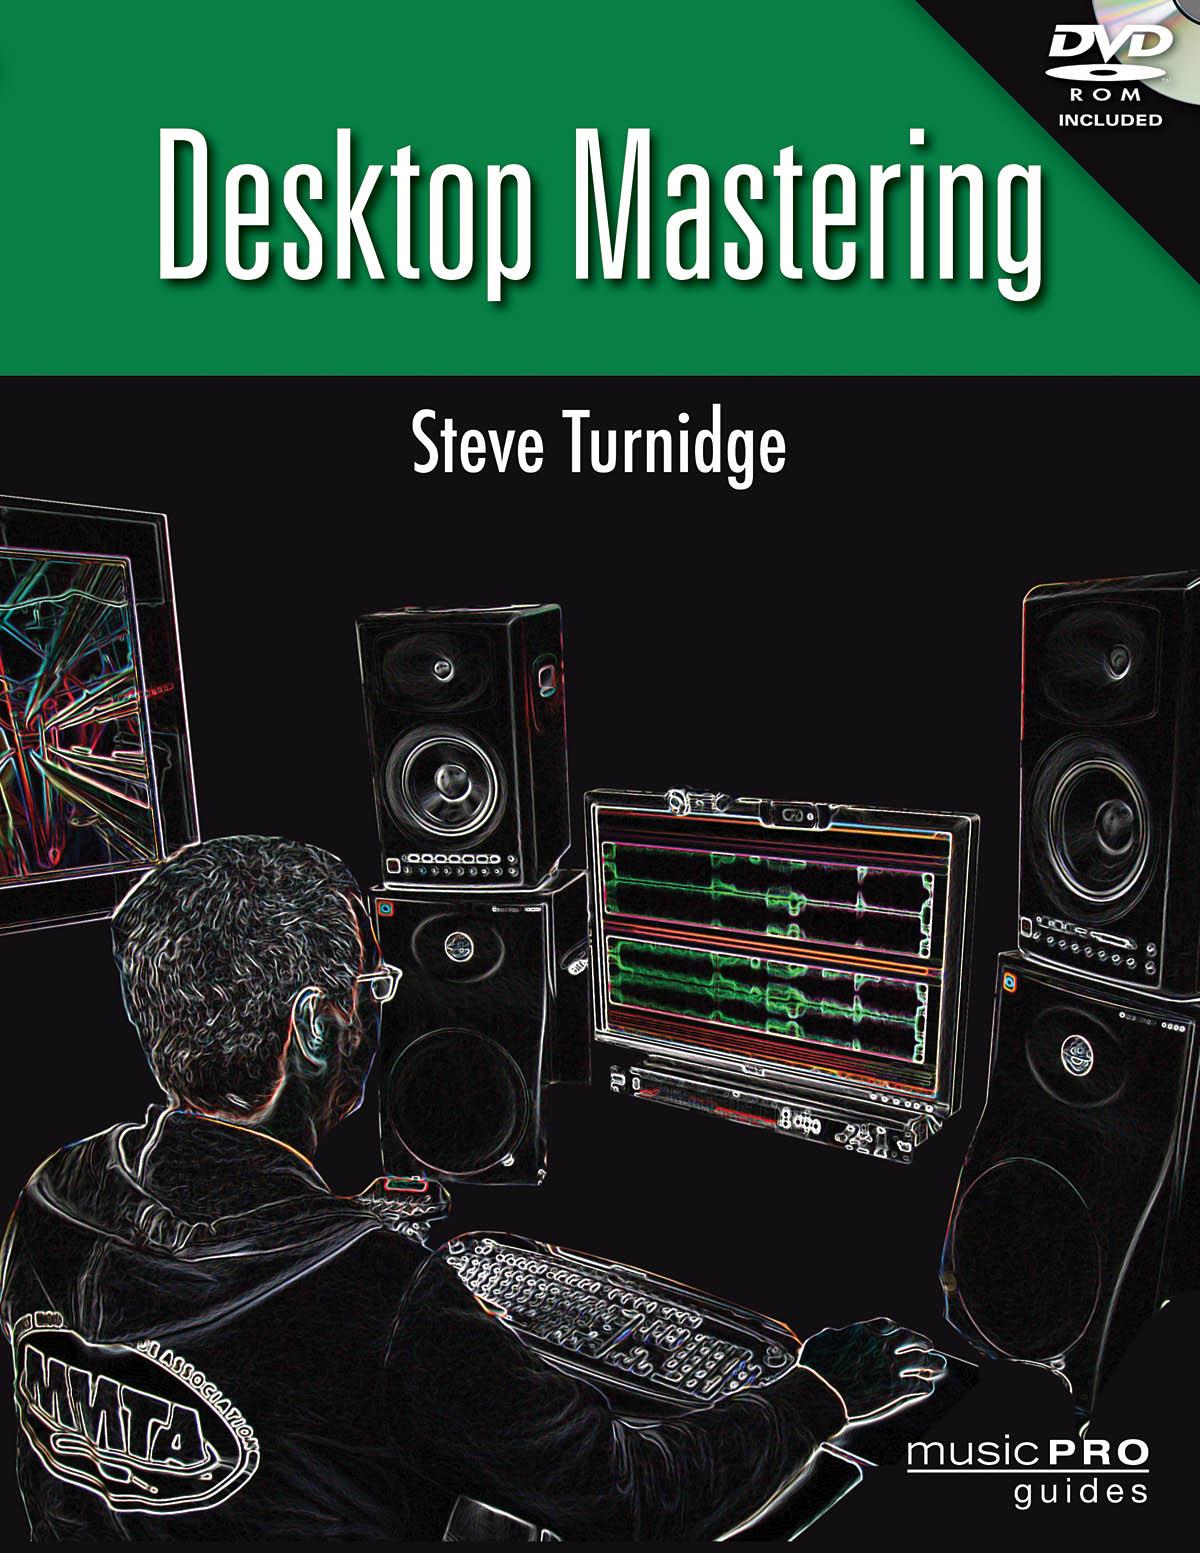 Desktop Mastering